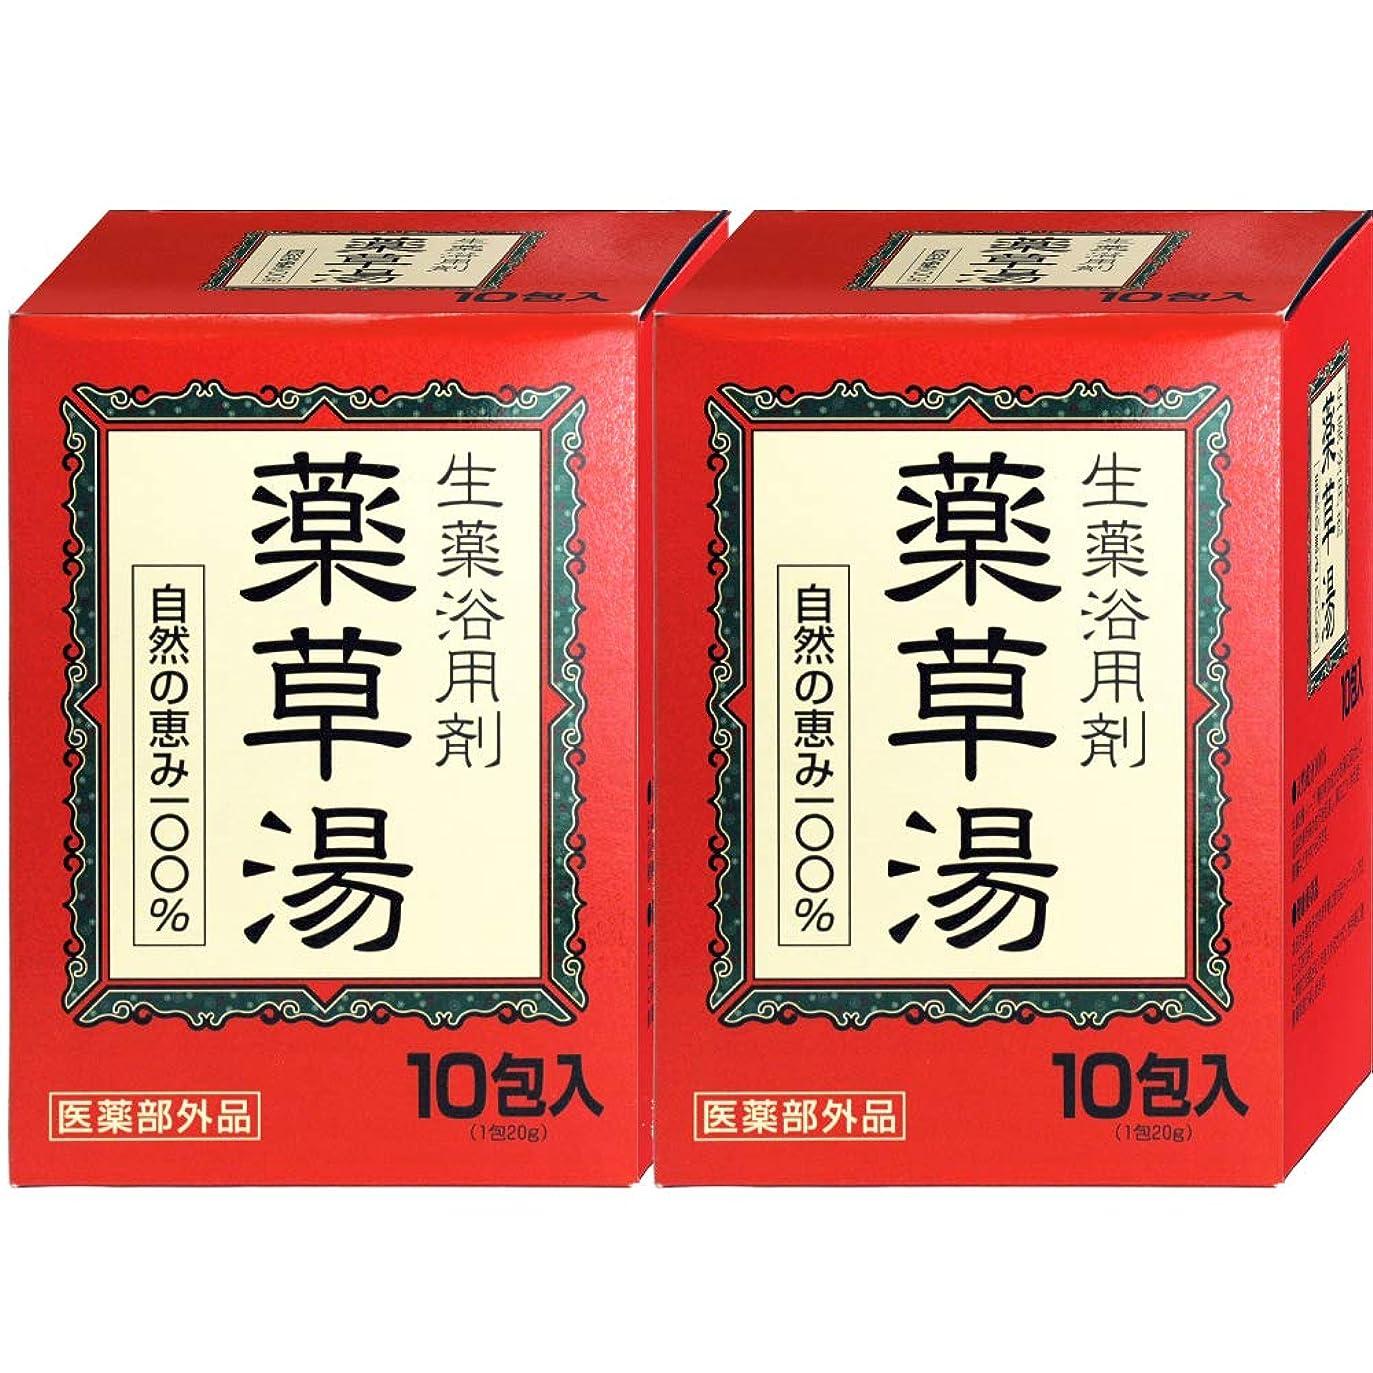 誤解する放出管理者薬草湯 生薬浴用剤 10包入 【2個セット】自然の恵み100% 医薬部外品